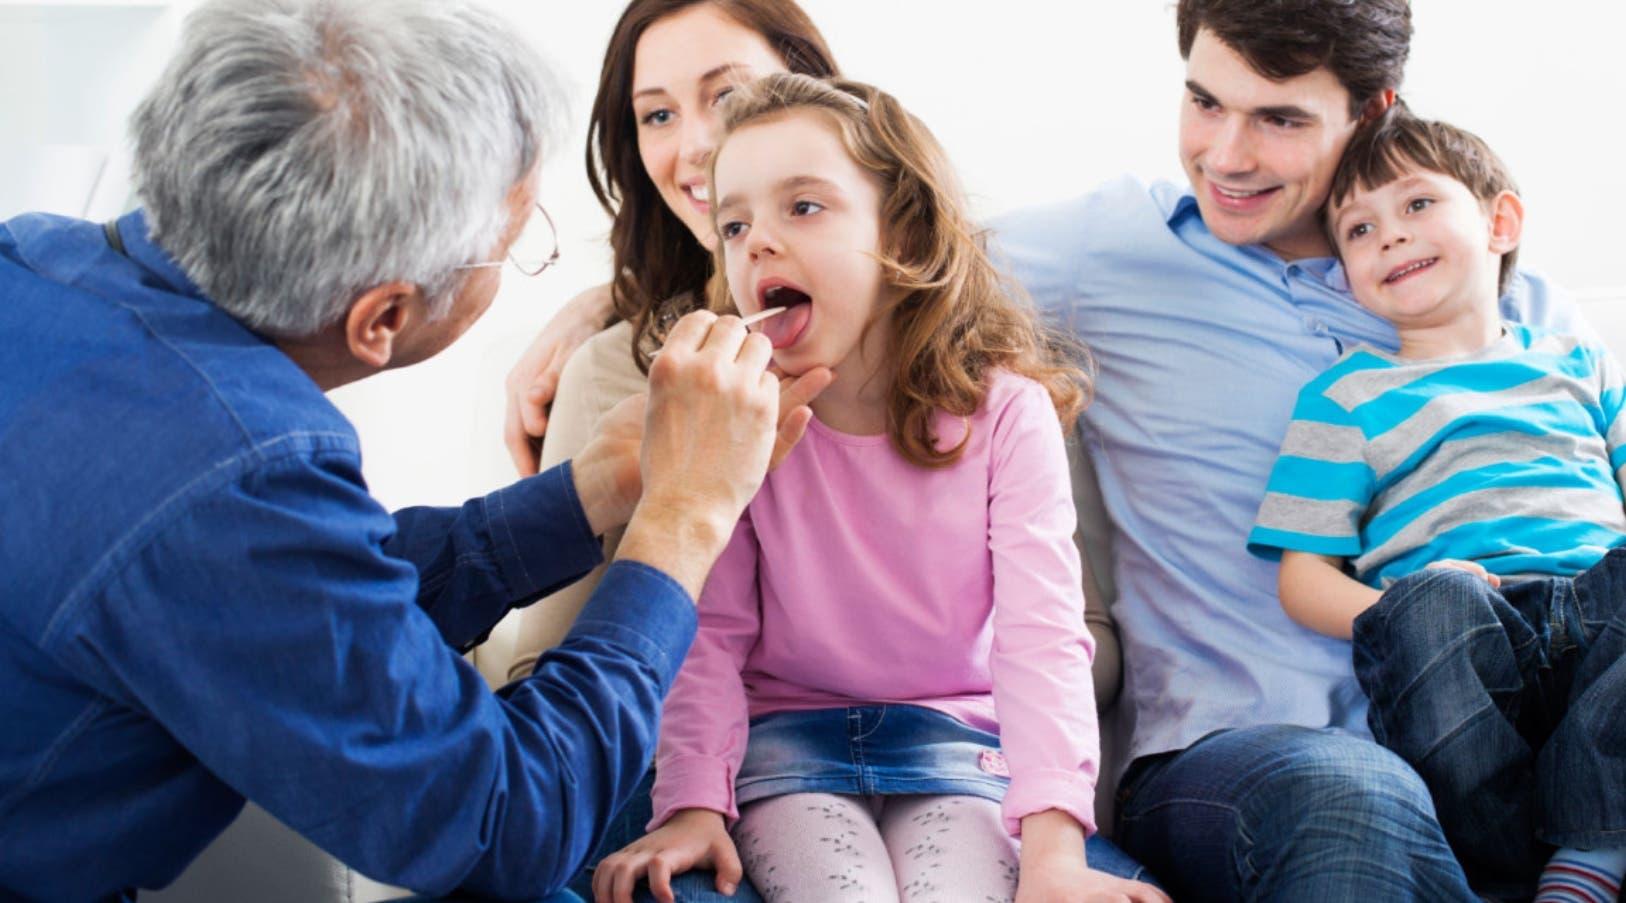 Estos  médicos están llamados a trabajar el tema de la prevención y velar por el bienestar de la familia en su conjunto.